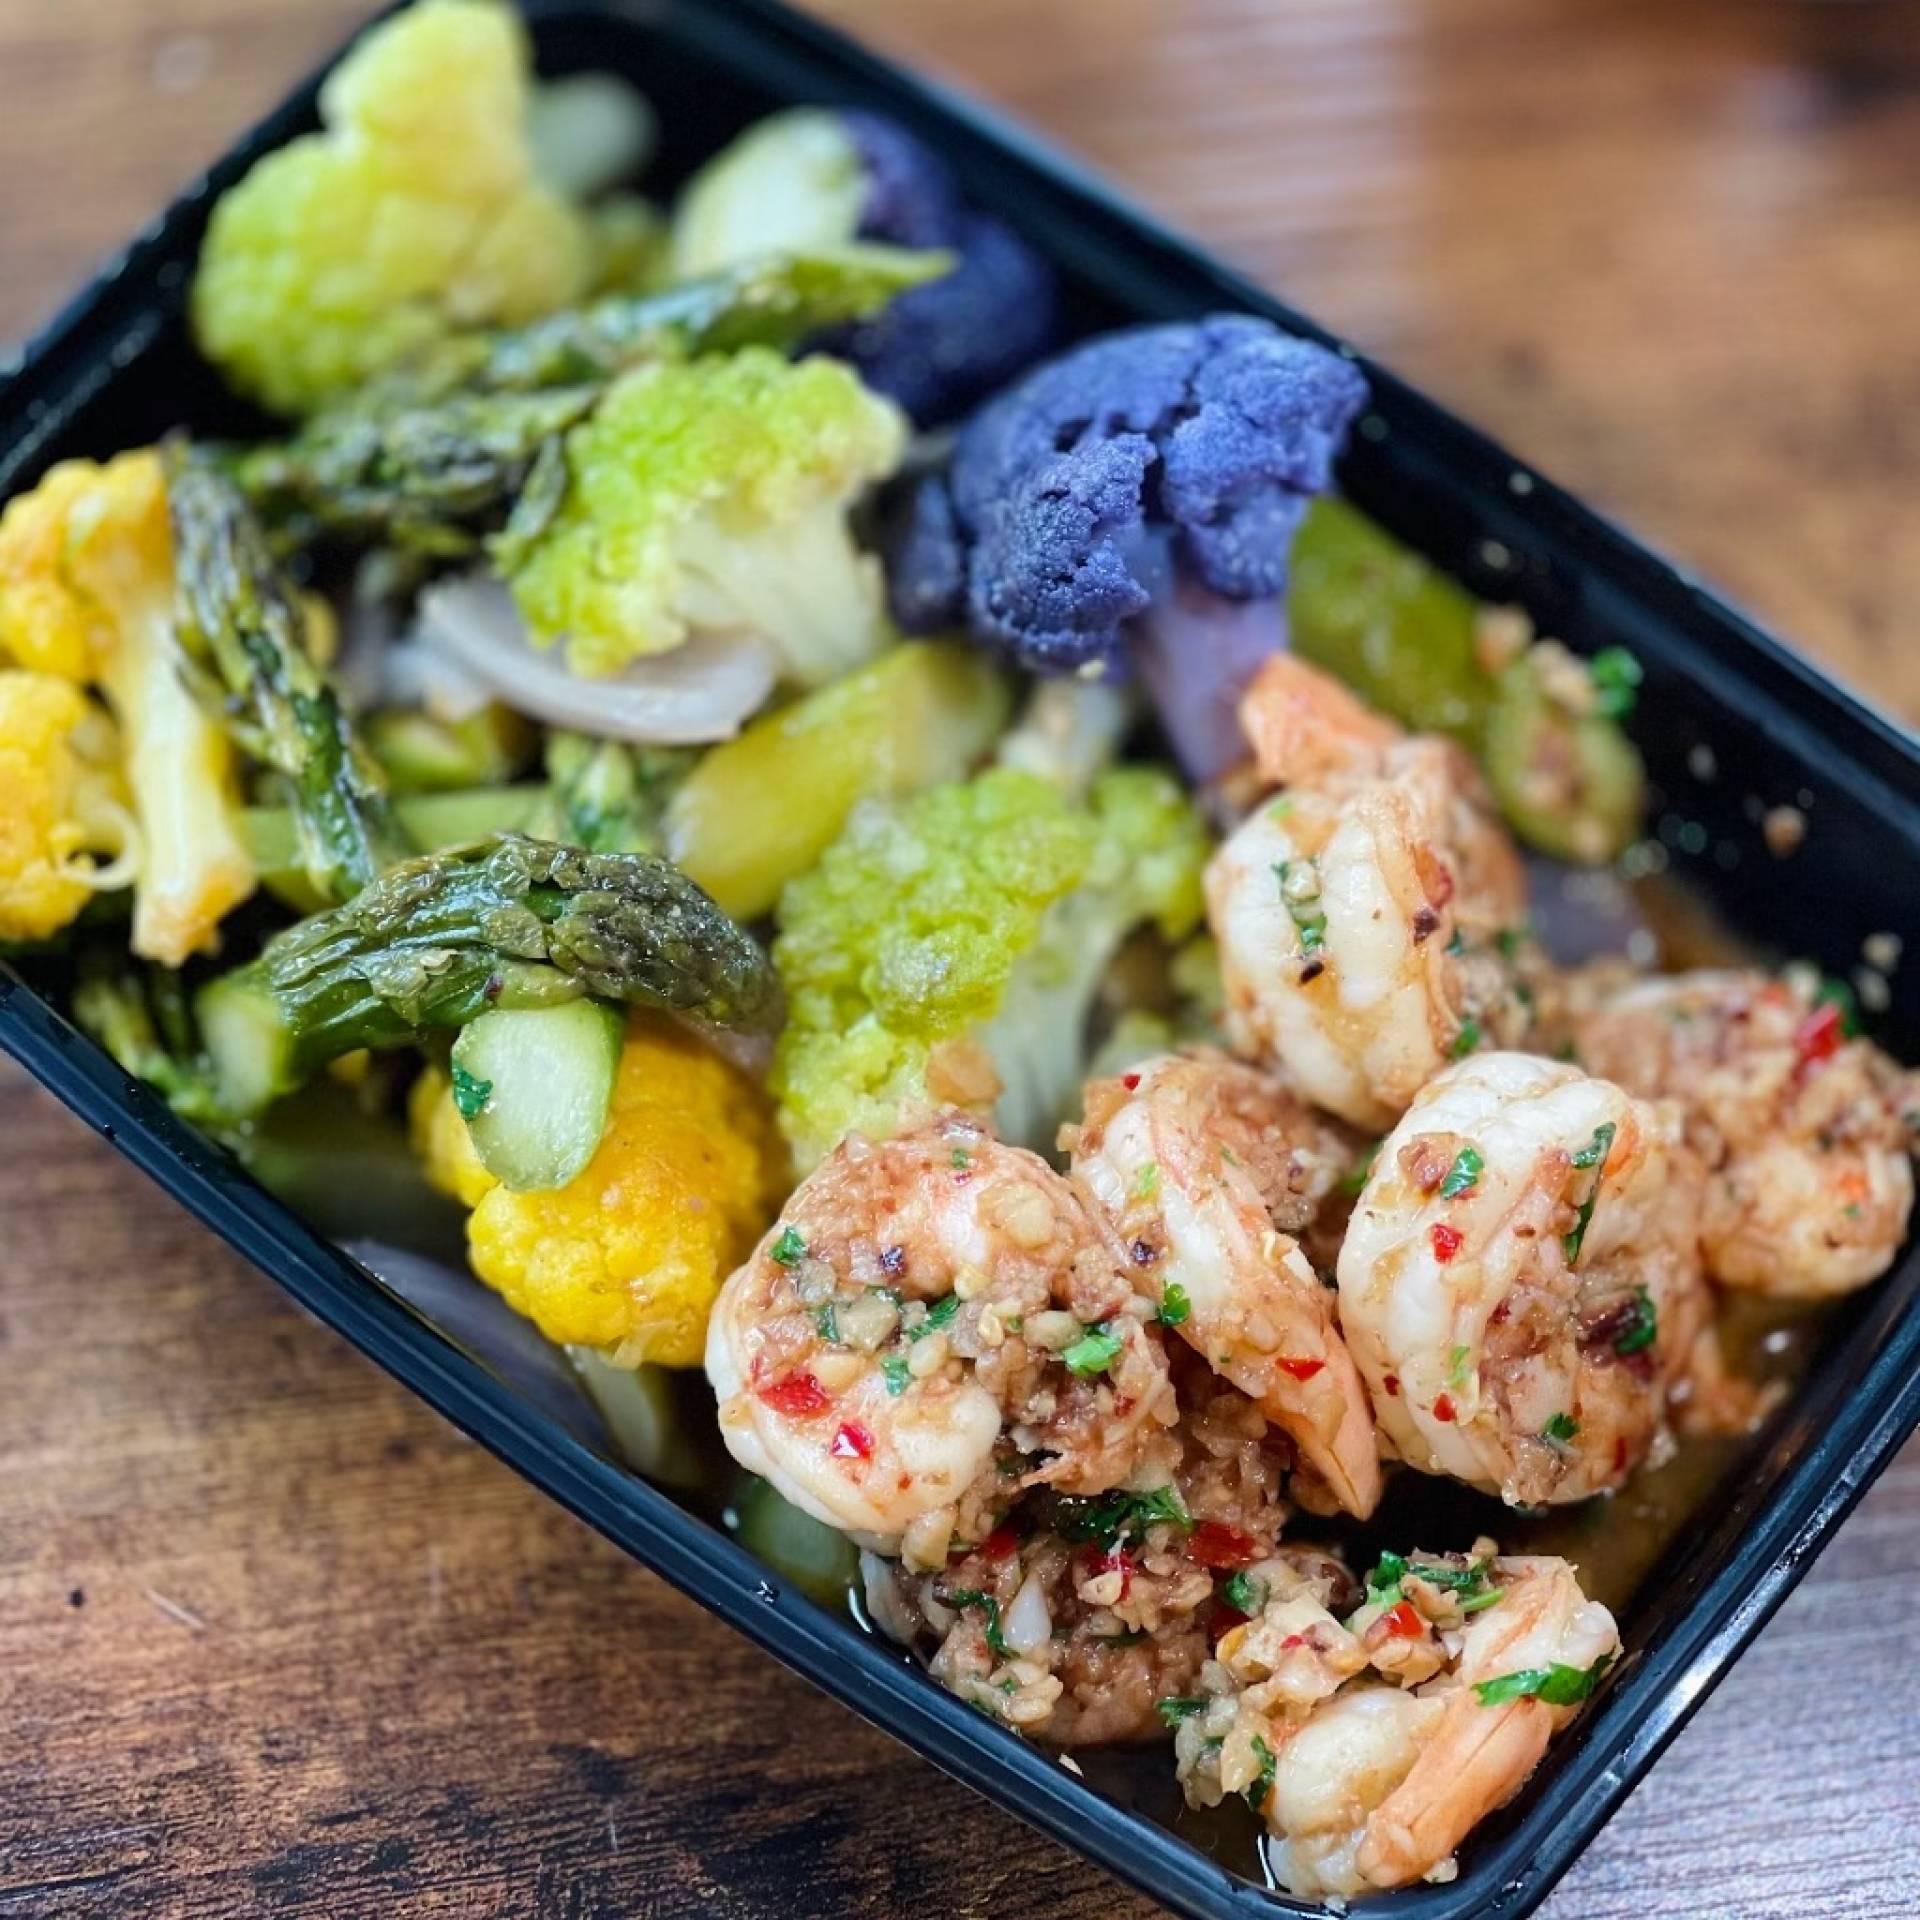 Gambas al ajillo (shrimp with garlic)